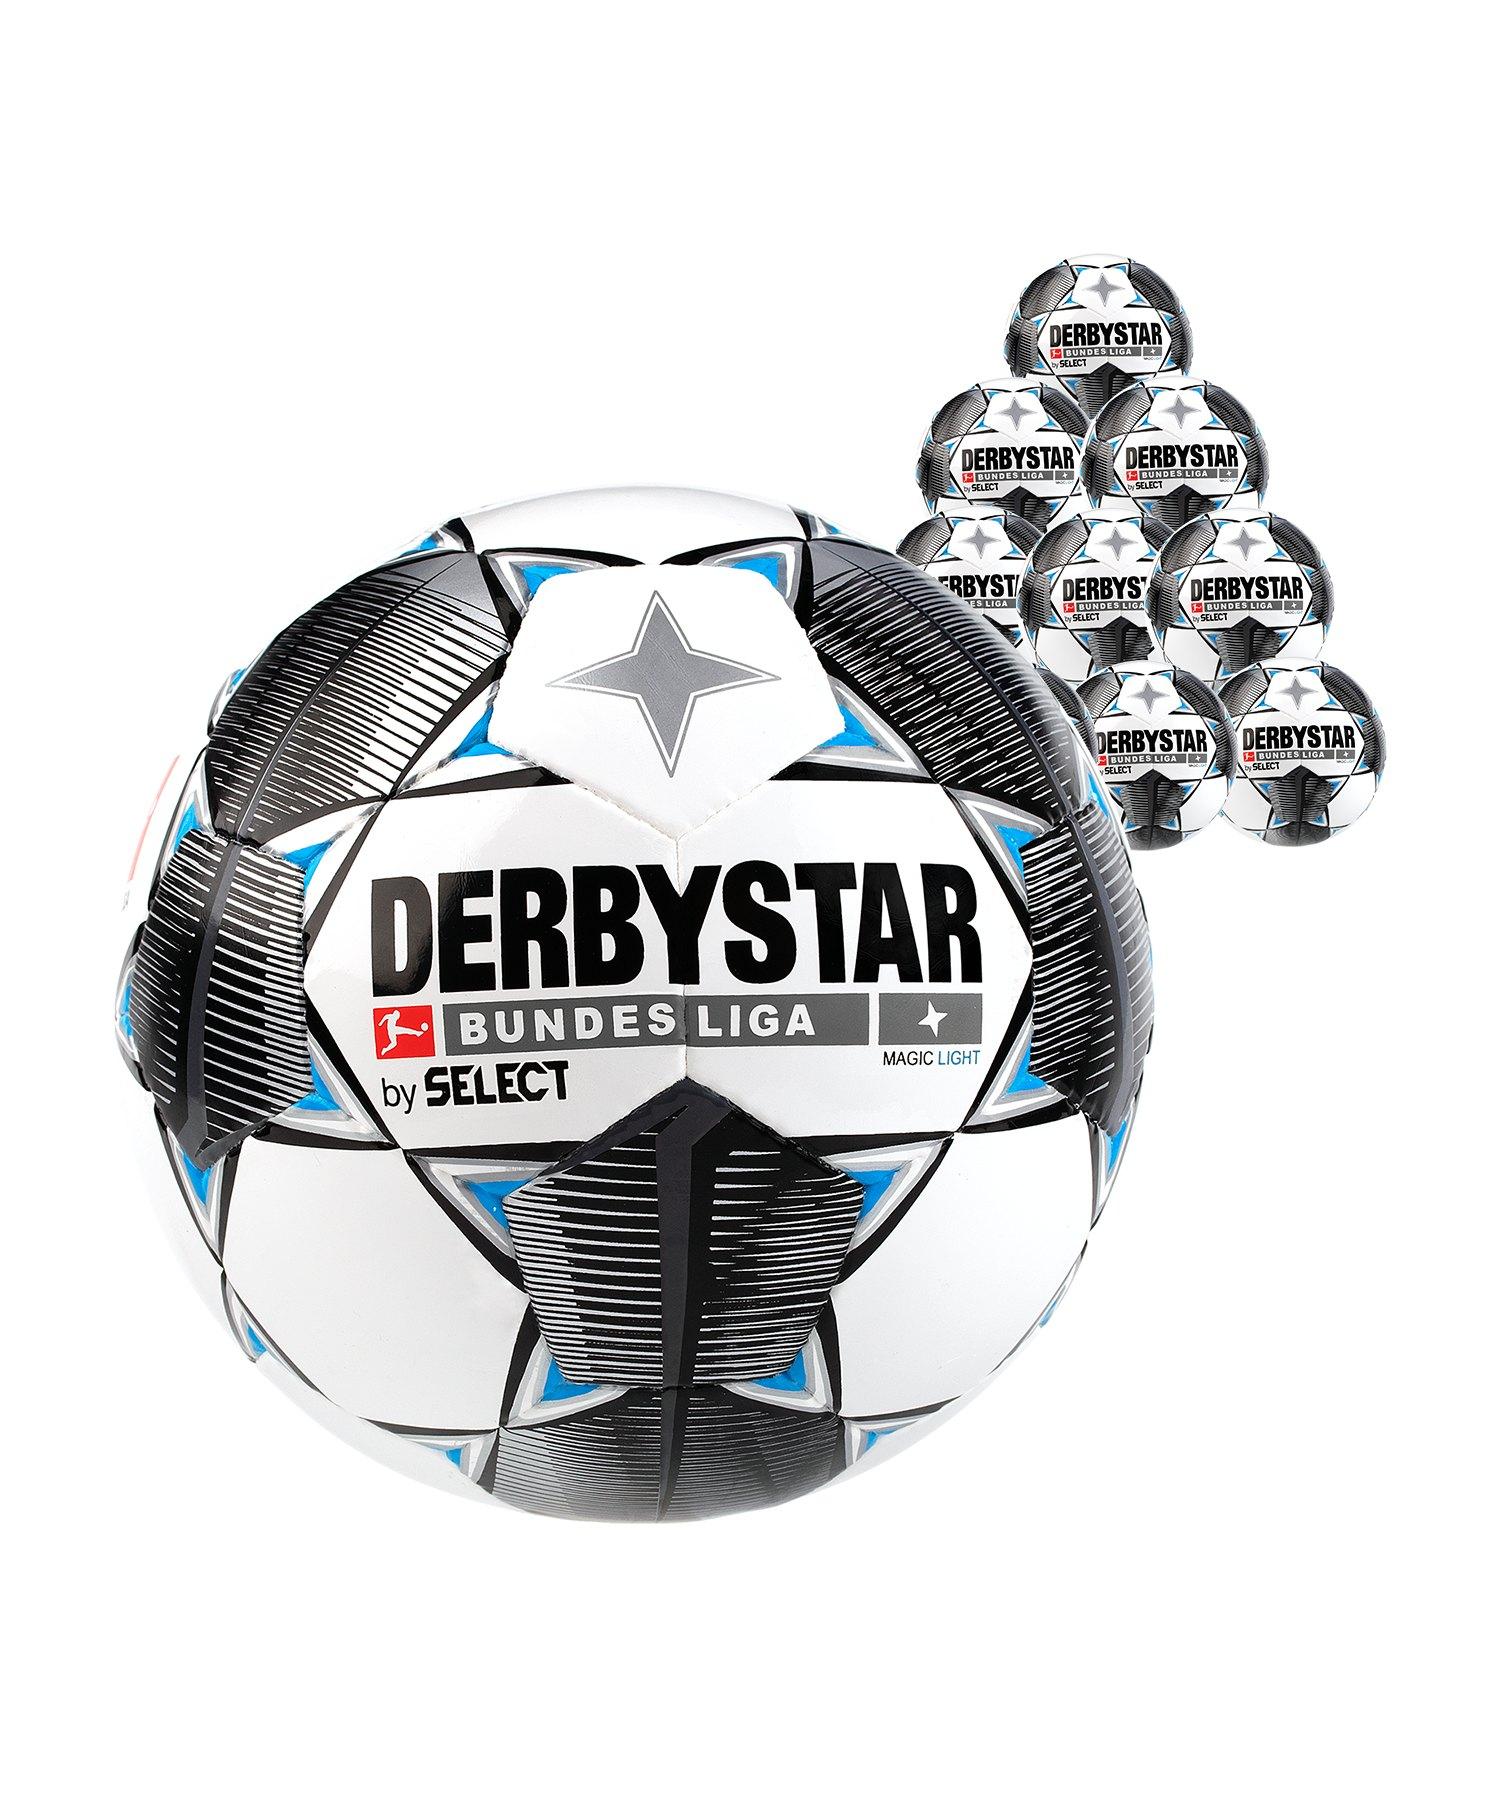 Derbystar Buli Magic Light 350g 50x Gr.4 Weiss F019 - weiss